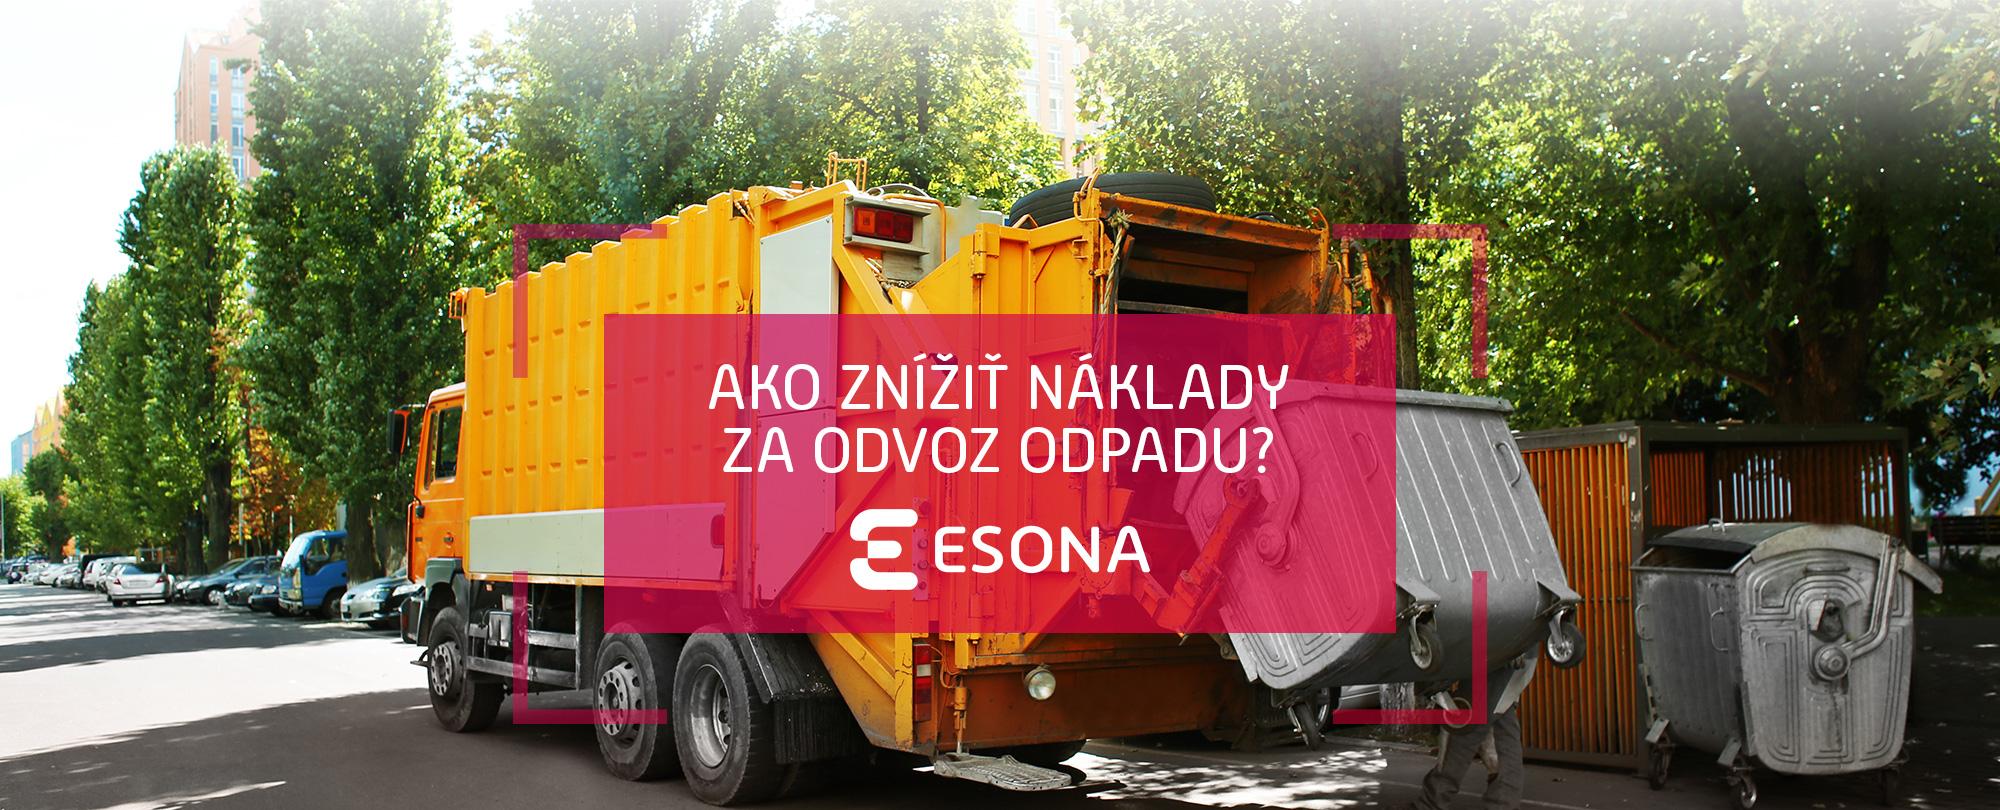 banner_WEB_esona_znizenie_nakladov